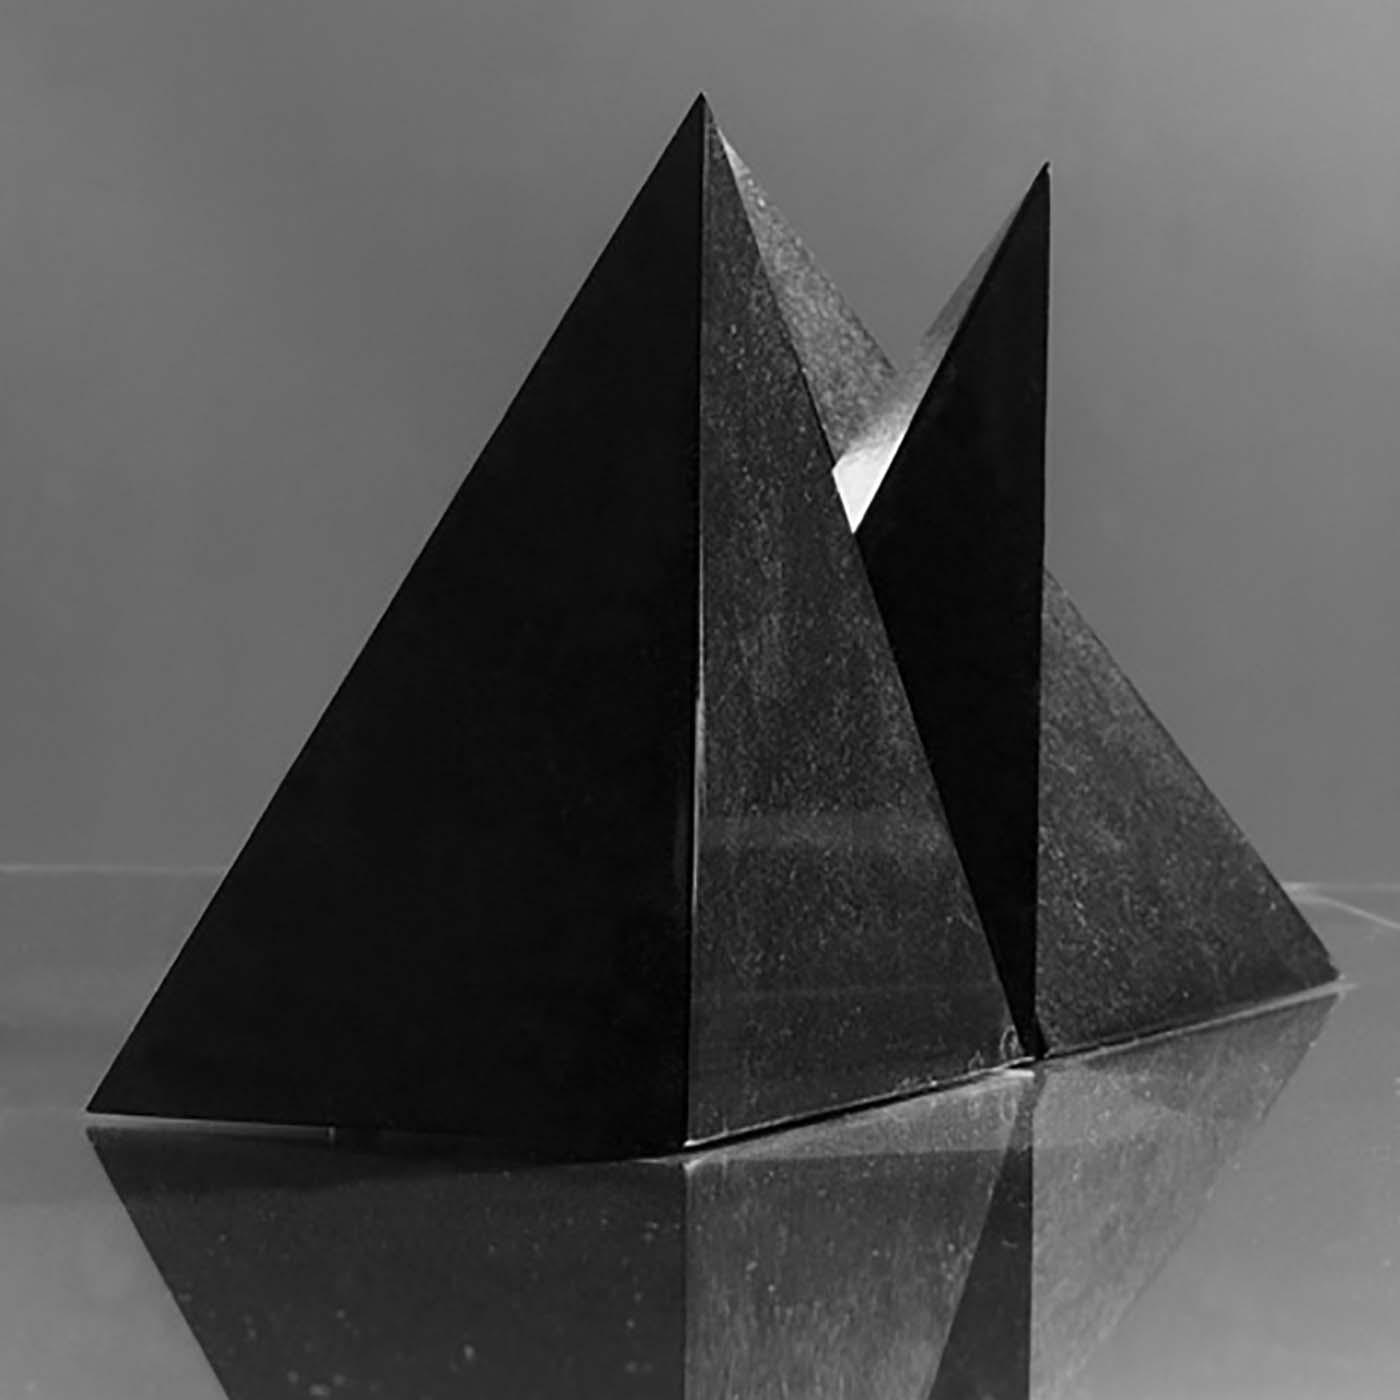 24_Tetraeder, Entwurf Aussenanlage K [1993]